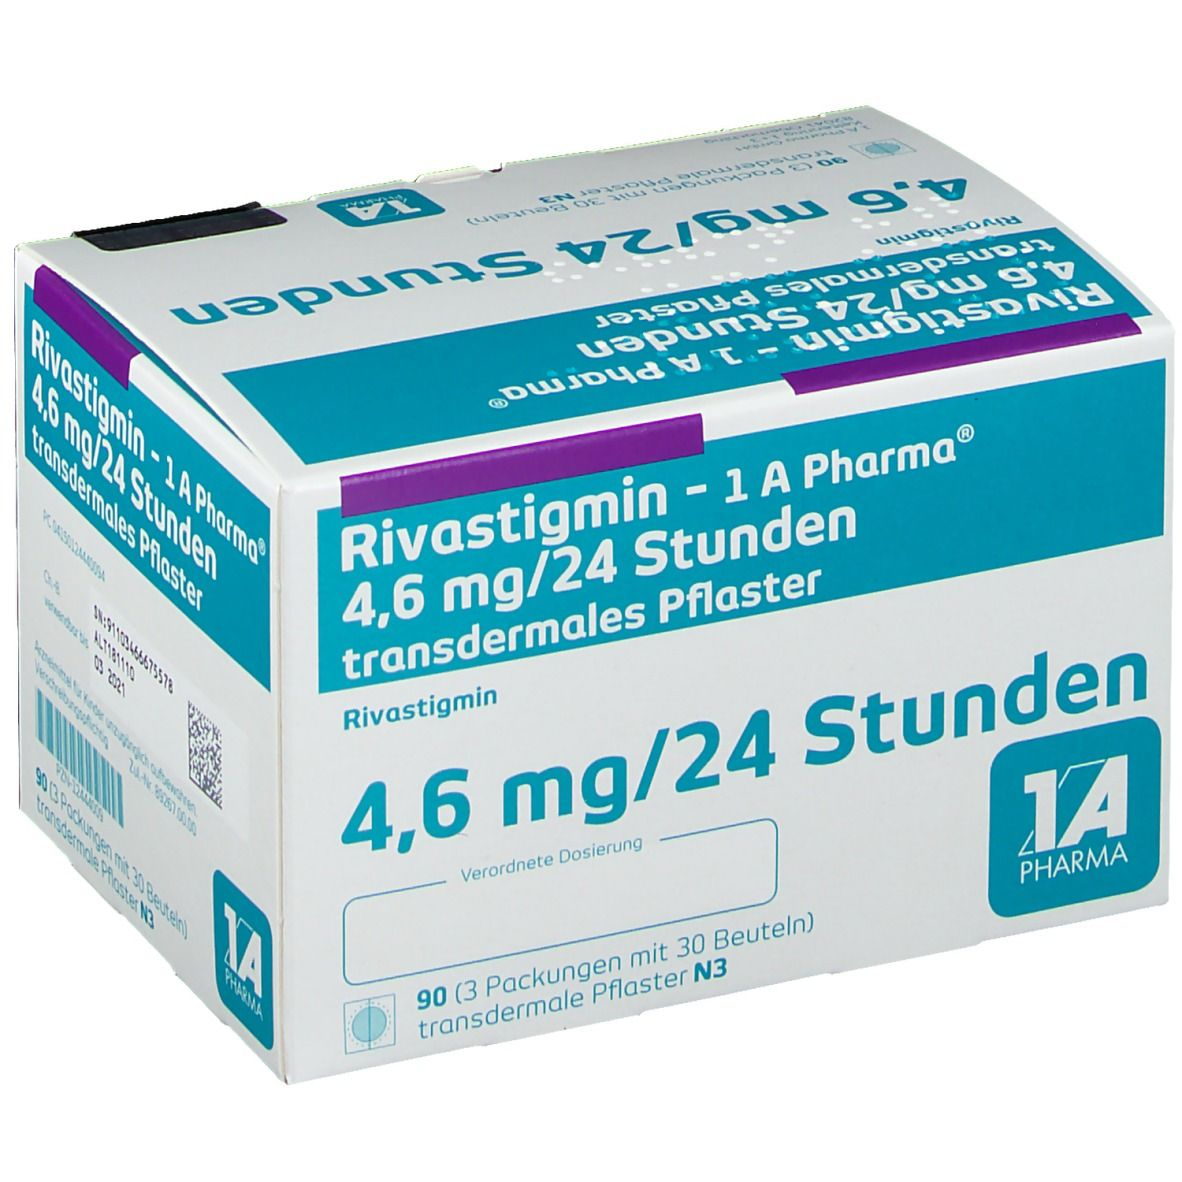 RIVASTIGMIN-1A Pharma 4,6 mg/24 Std. transd.Pfl.